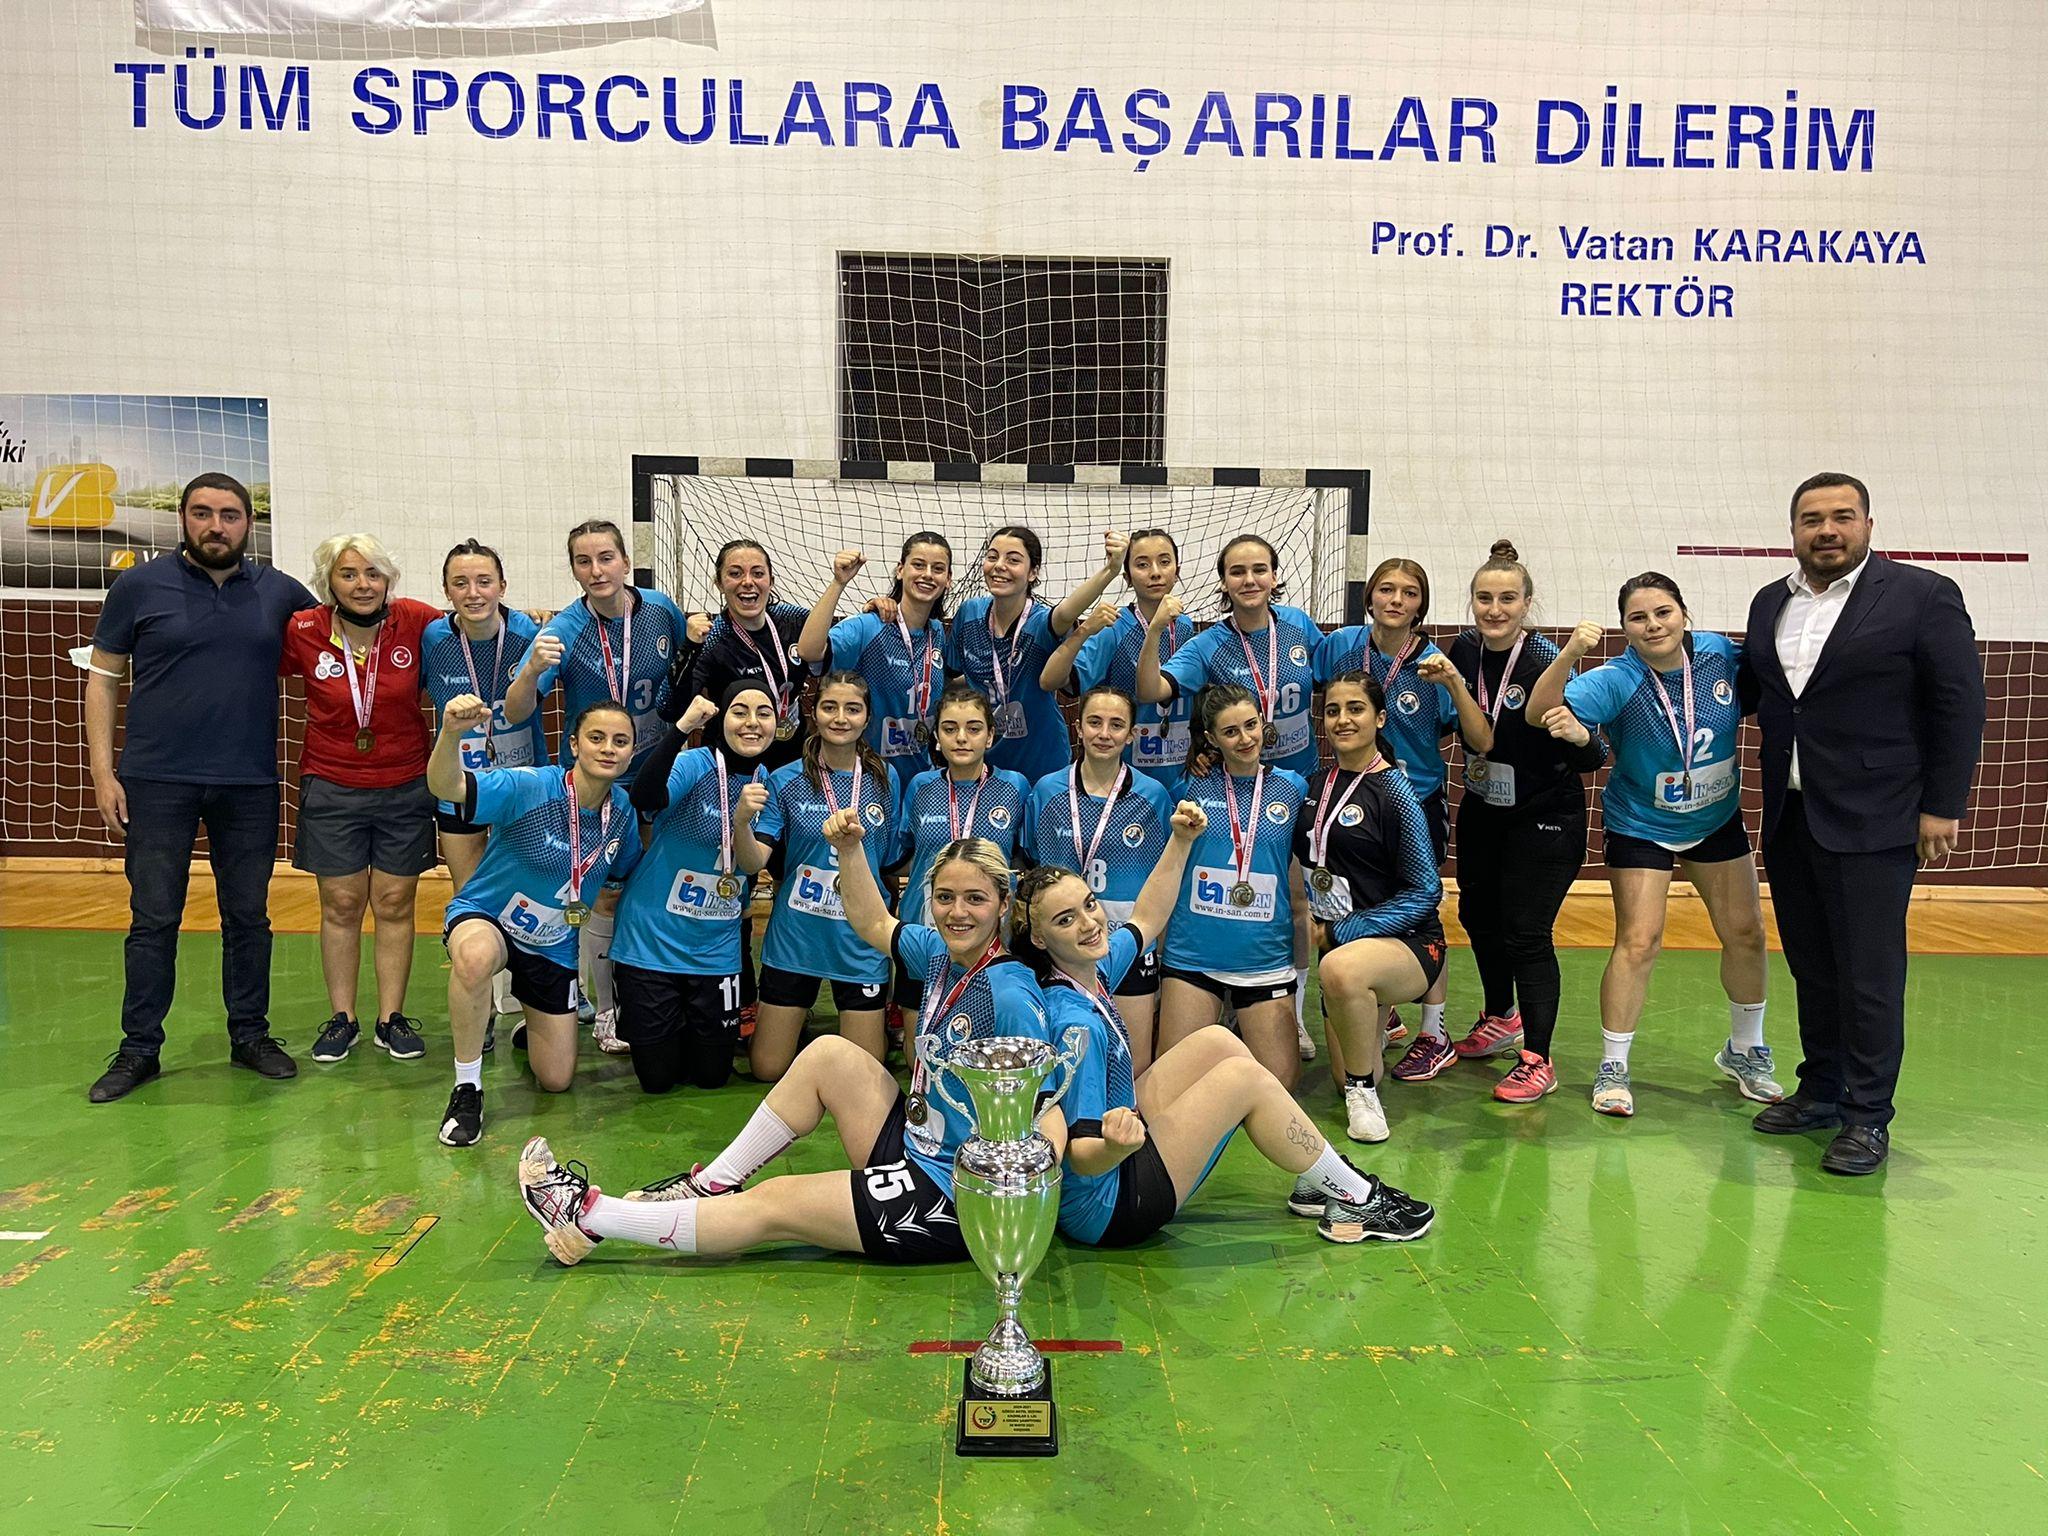 Olimpik Pazar Spor Kulübü Hentbol Takımı 1.Lige Çıktı